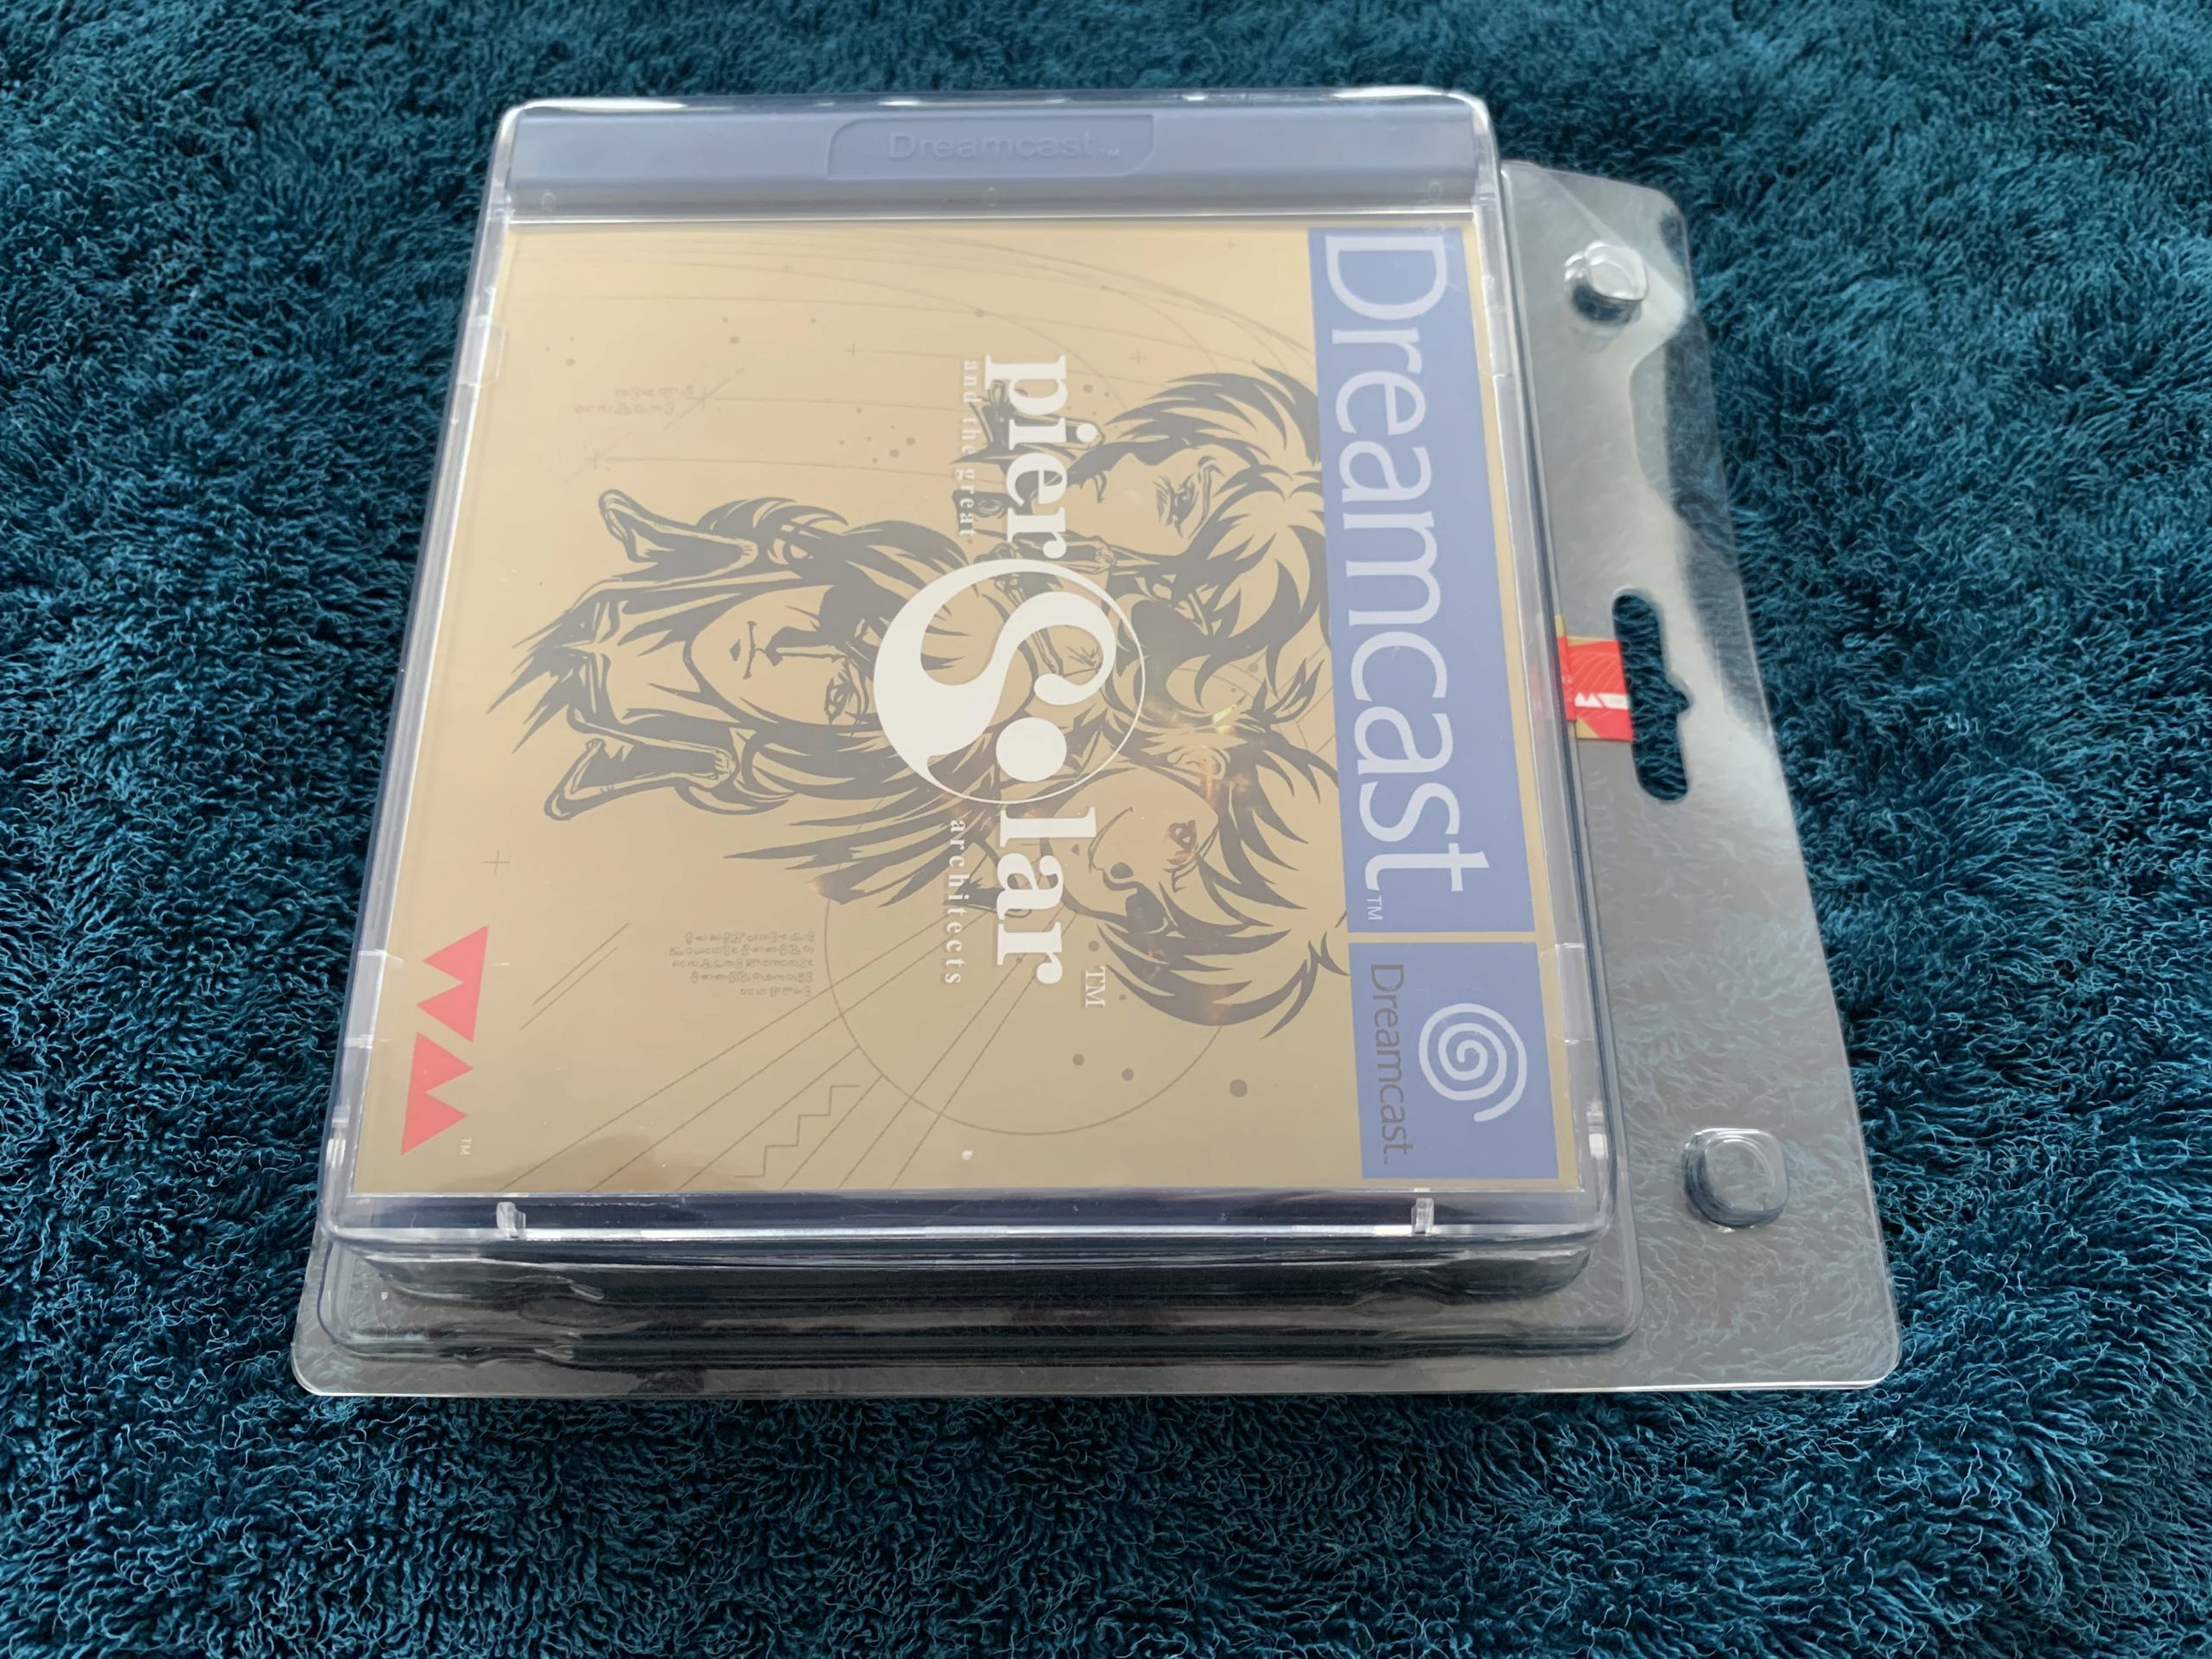 [VENDU] Fullset Jeux Dreamcast, Accessoires, Promo, Rigides... - 350 pièces - NEUF SOUS BLISTER 028_bl10